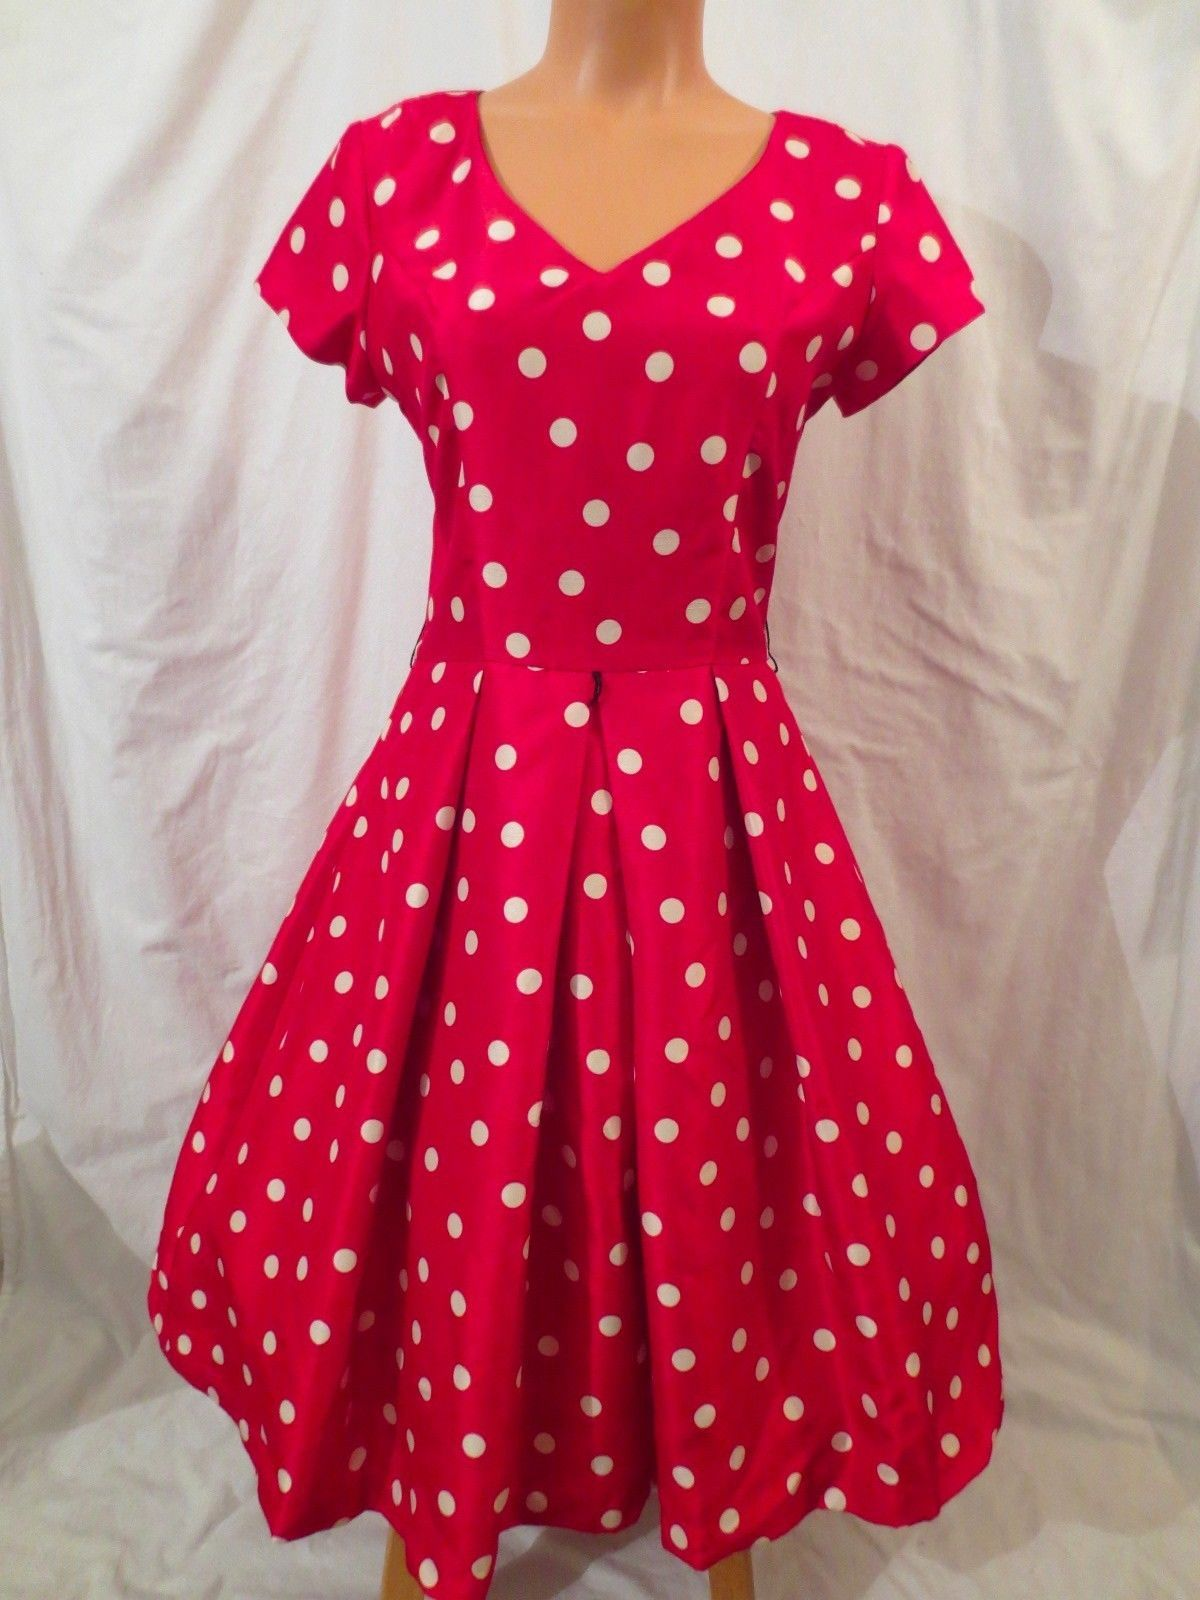 BOMBSHELL retro party dress - red white polka dot - $29.99 at JOHNNY BOMBSHELL #retro #rockabilly #holiday